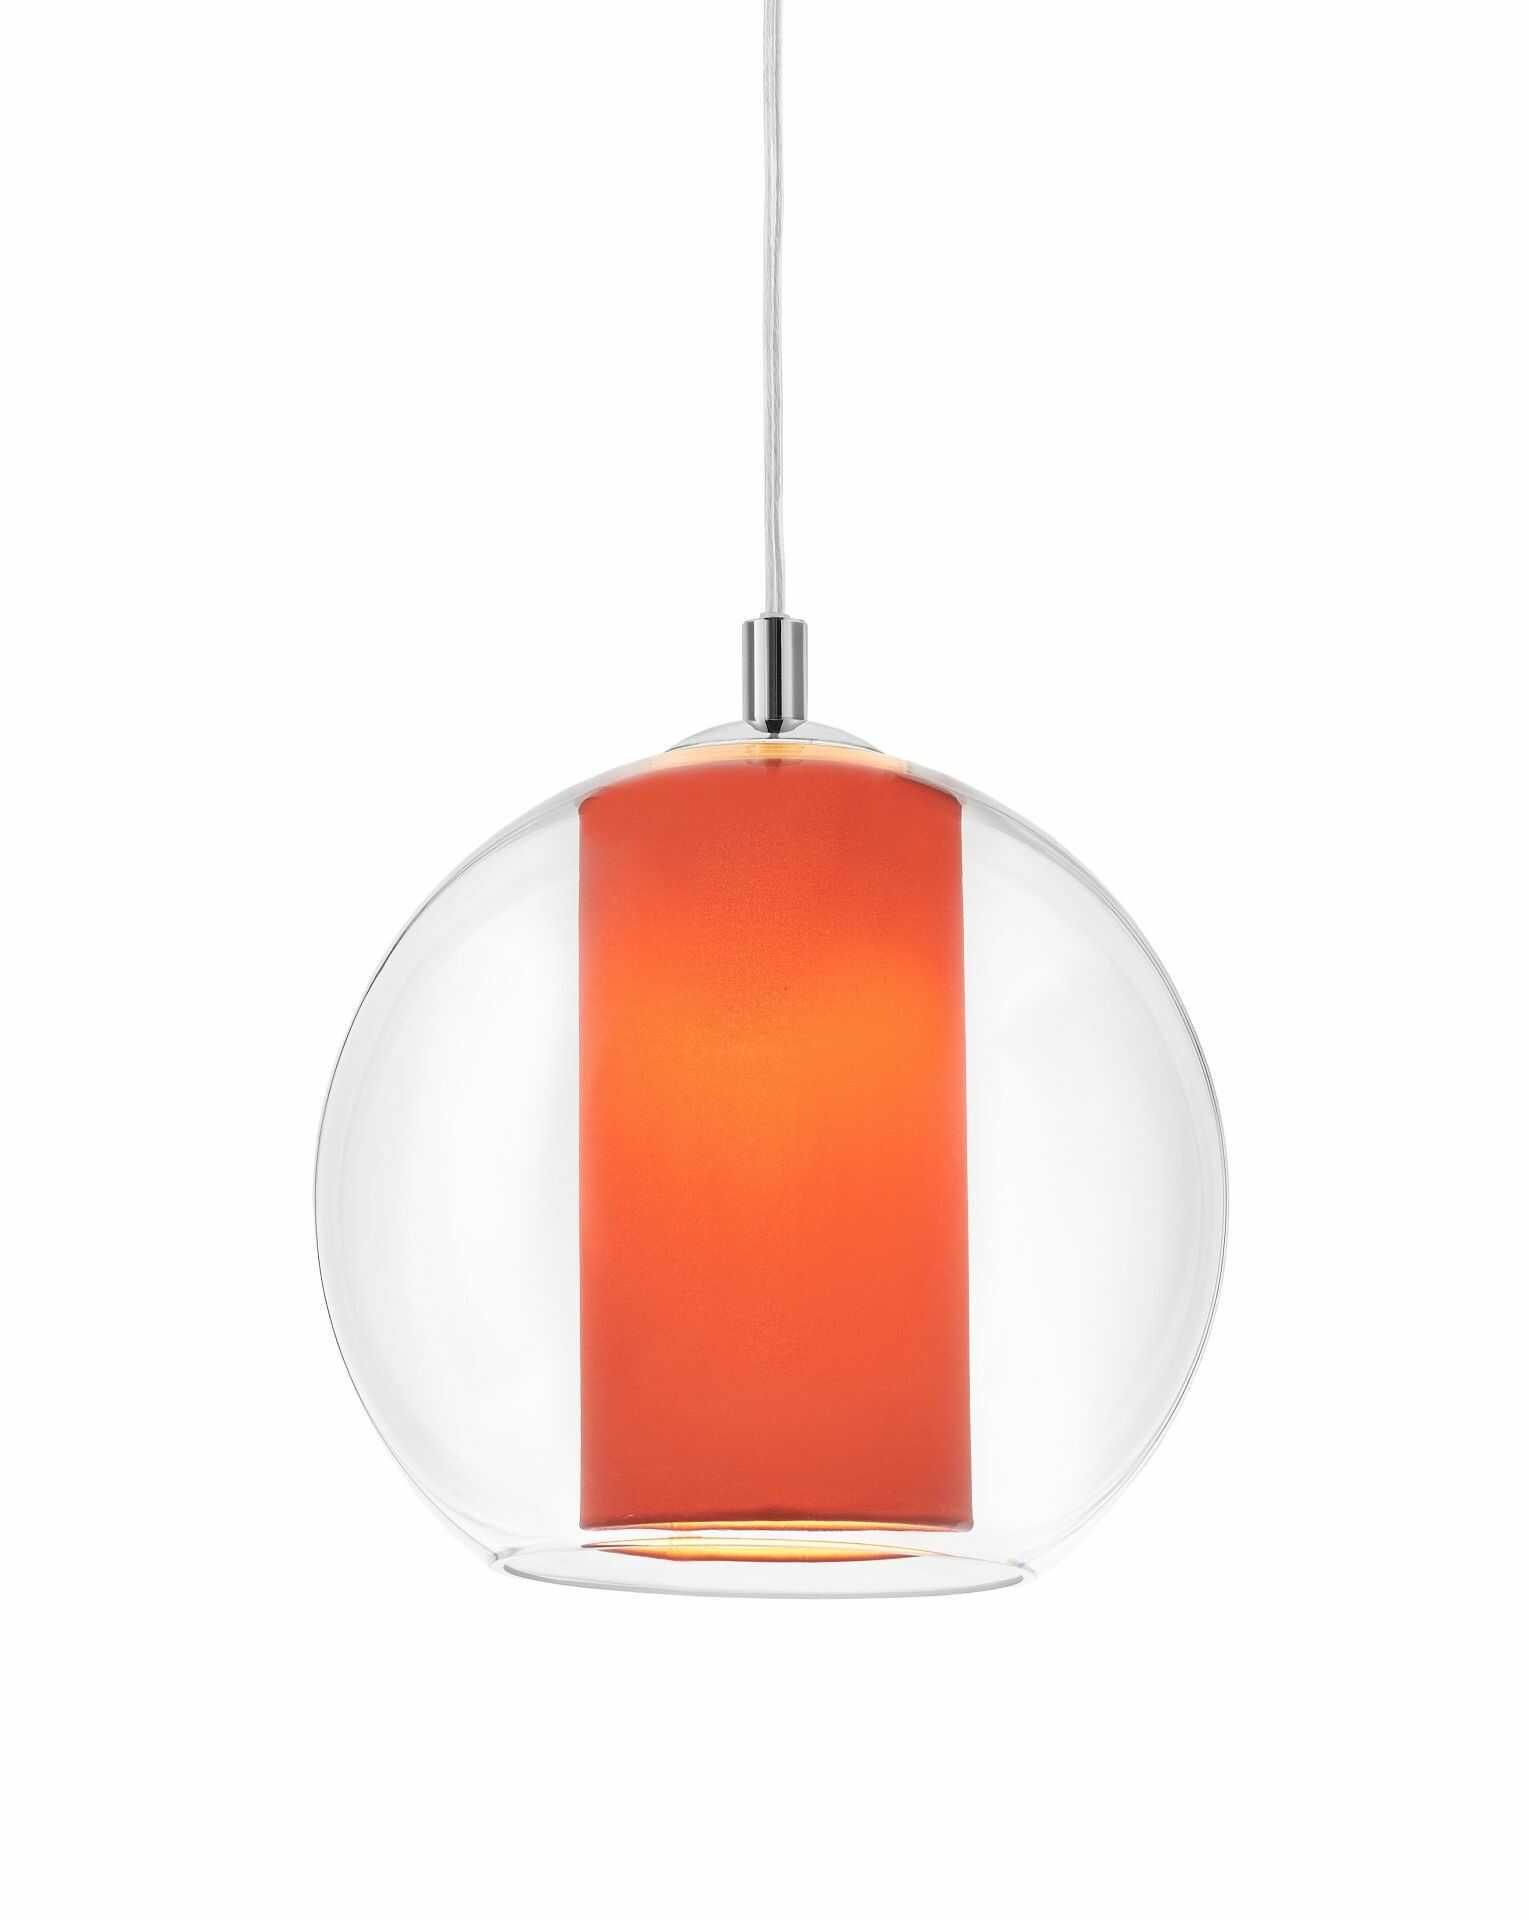 Lampa wisząca Merida S 10408111 KASPA szklana oprawa w kolorze koralowym